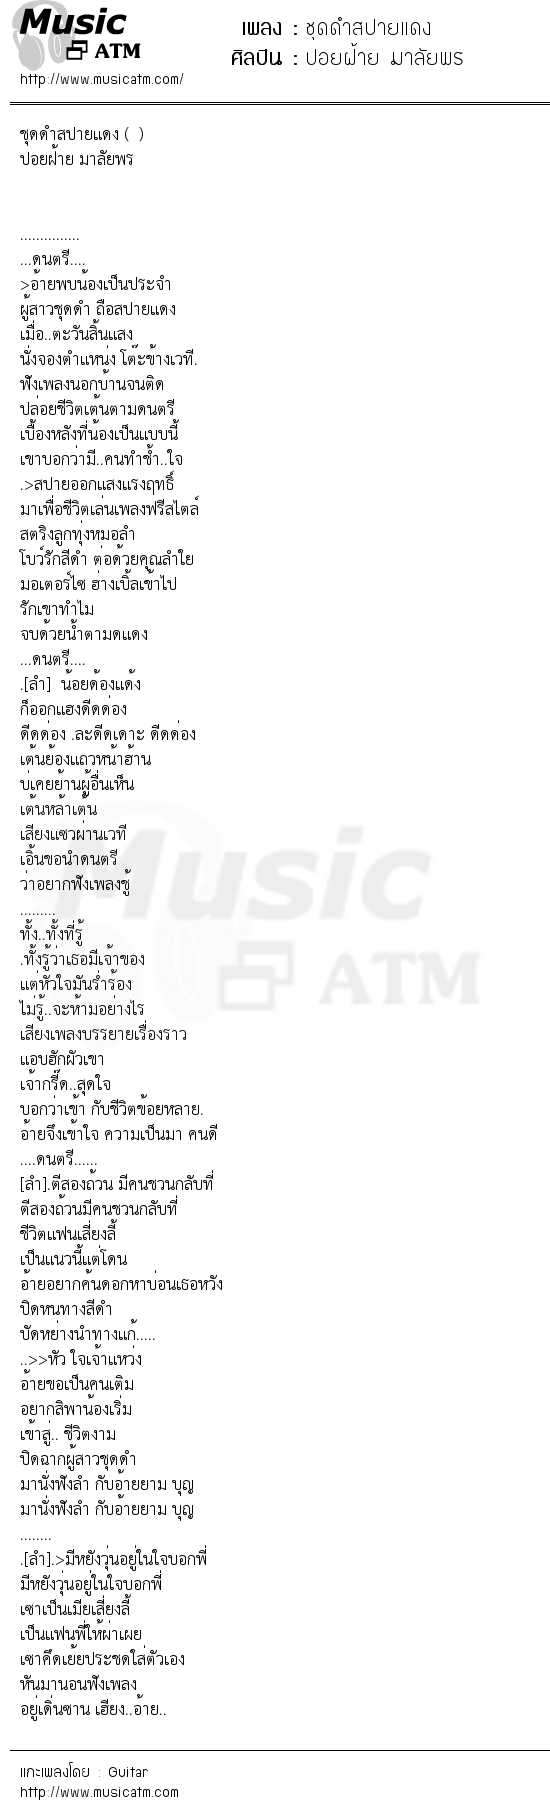 เนื้อเพลง ชุดดำสปายแดง - ปอยฝ้าย มาลัยพร | เพลงไทย